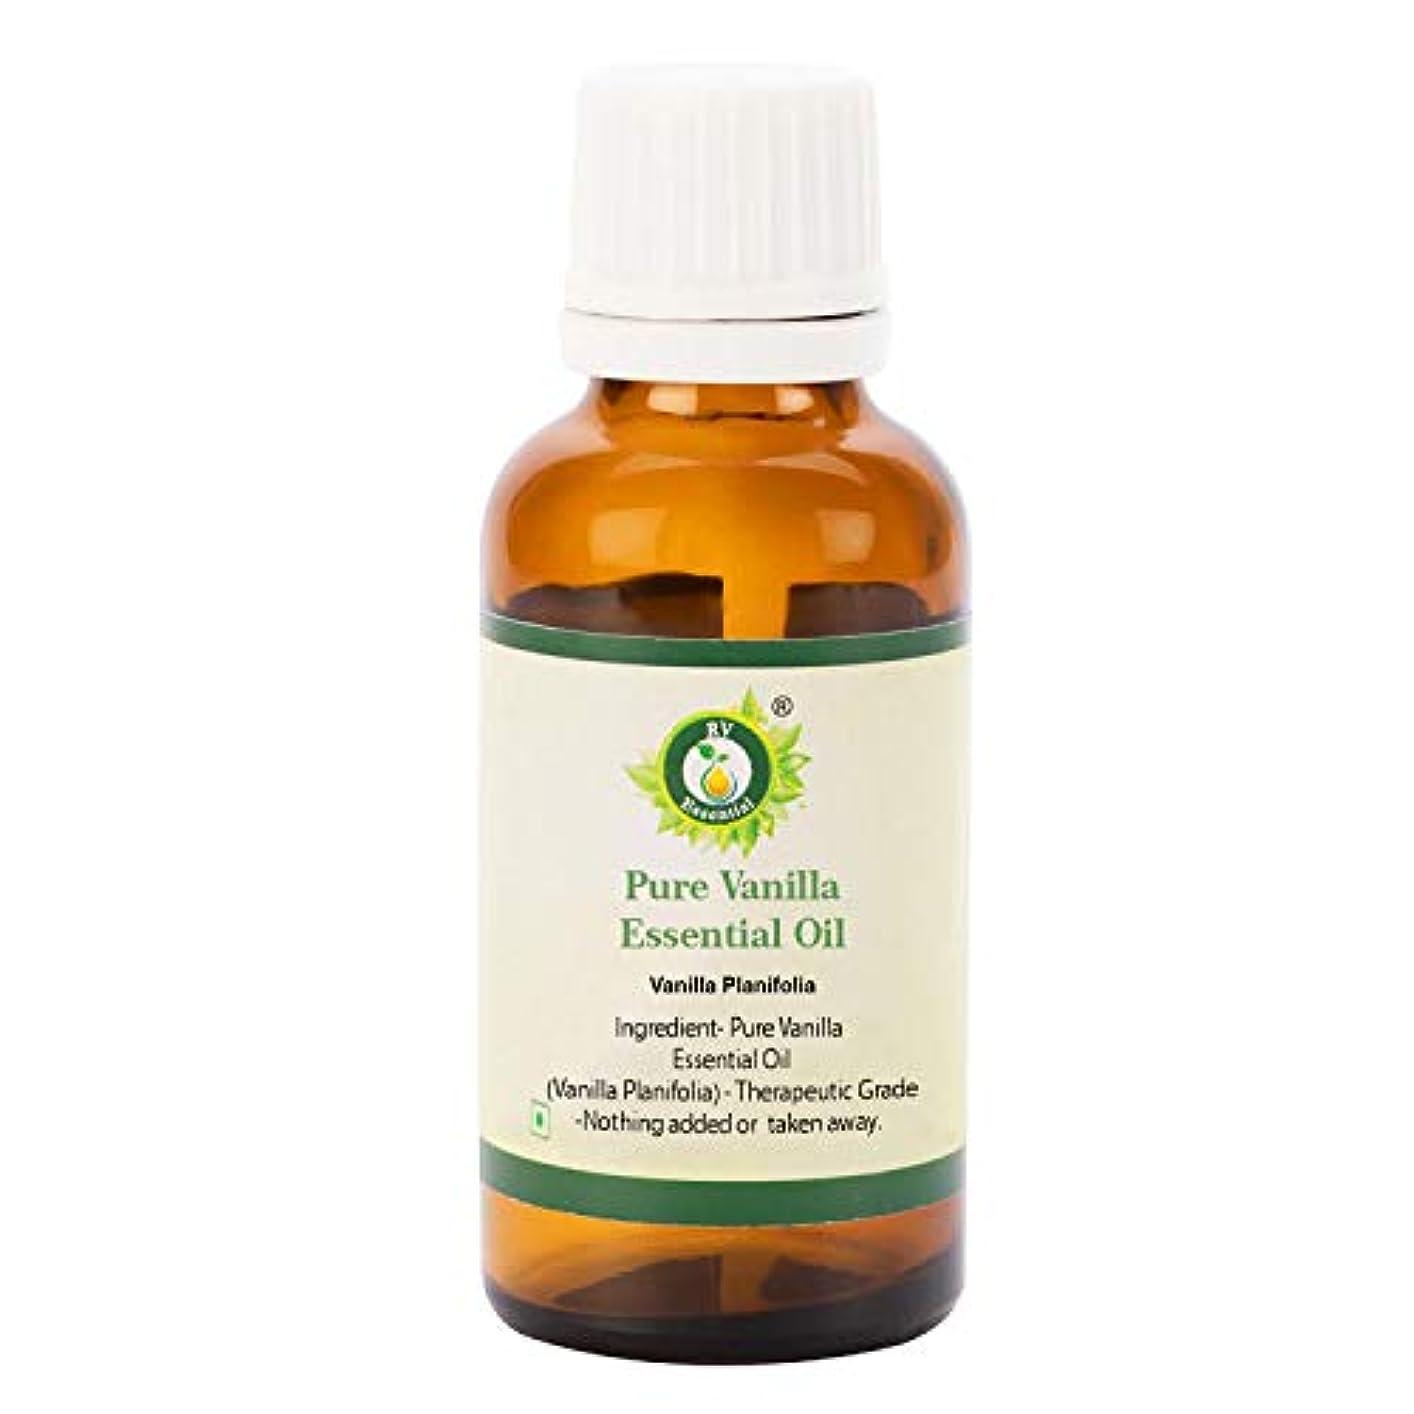 変装復活モッキンバードR V Essential ピュアバニラエッセンシャルオイル15ml (0.507oz)- Vanilla Planifolia (100%純粋&天然) Pure Vanilla Essential Oil